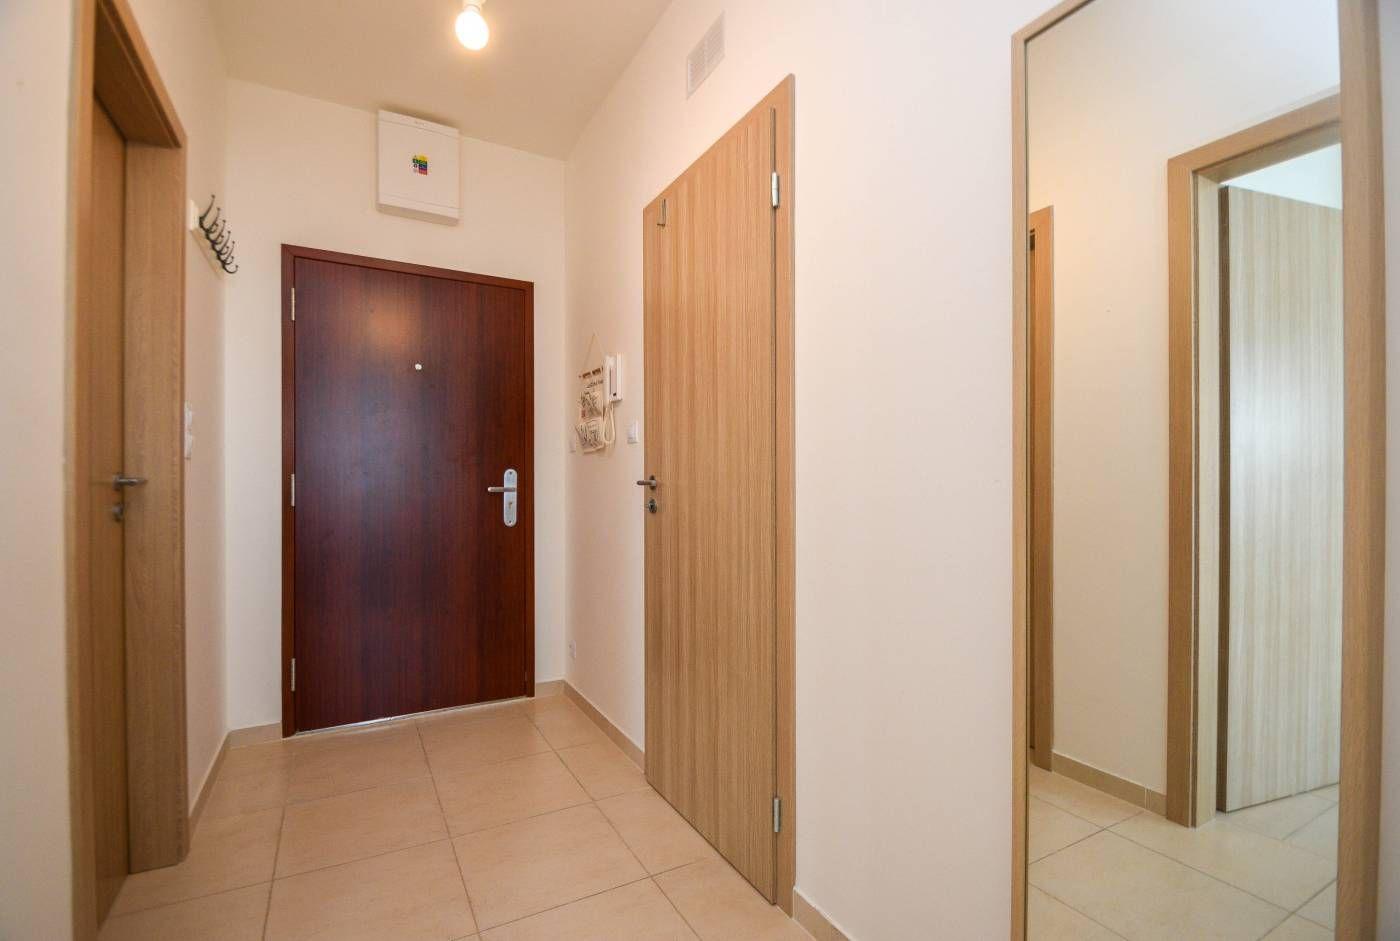 Продажа недвижимости в братиславе фото и цены дубай отели отзывы туристов